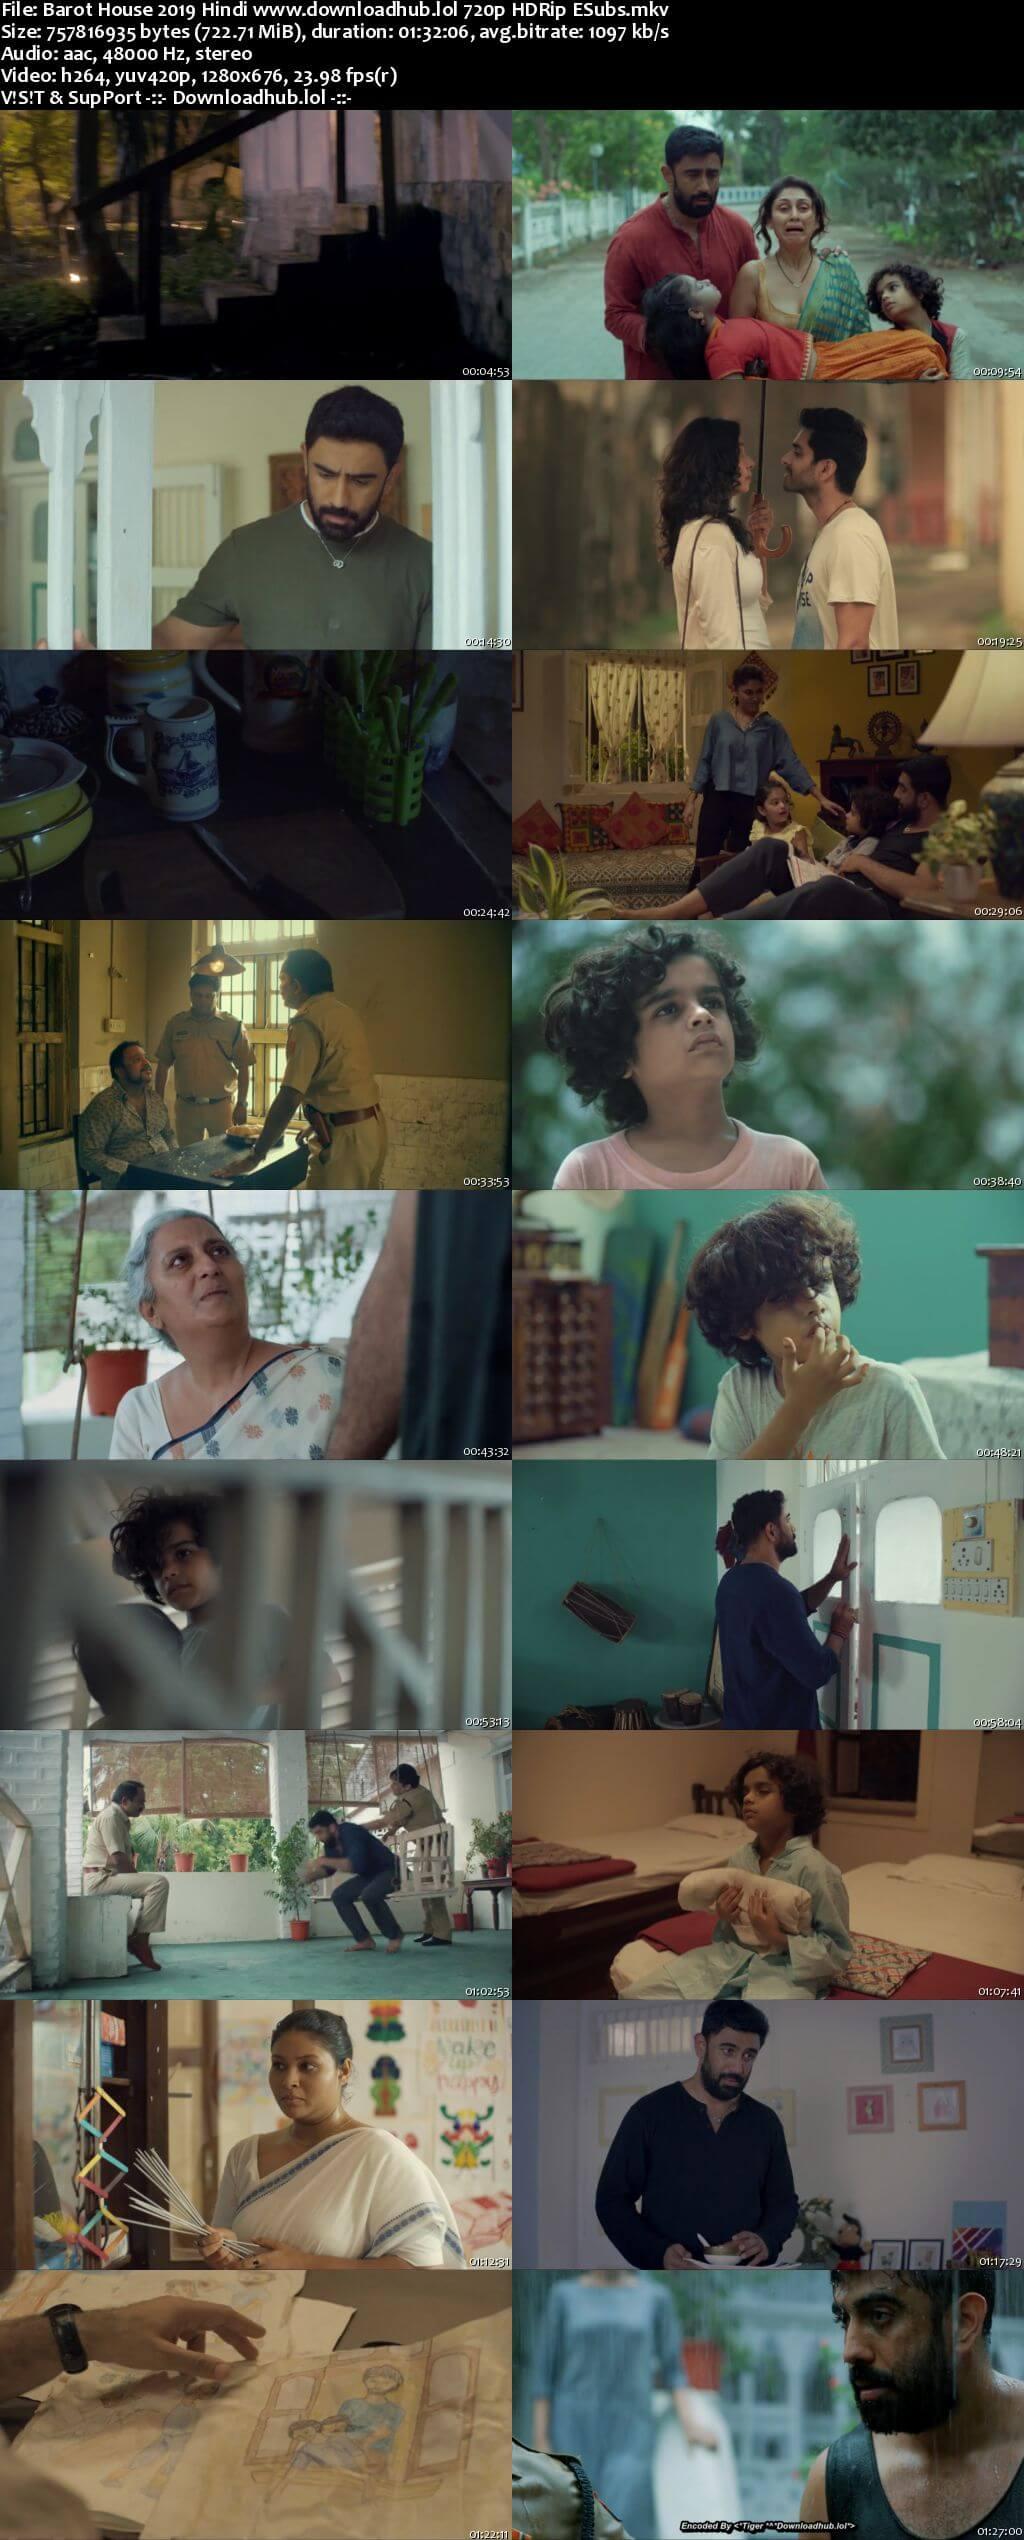 Barot House 2019 Hindi 720p HDRip ESubs